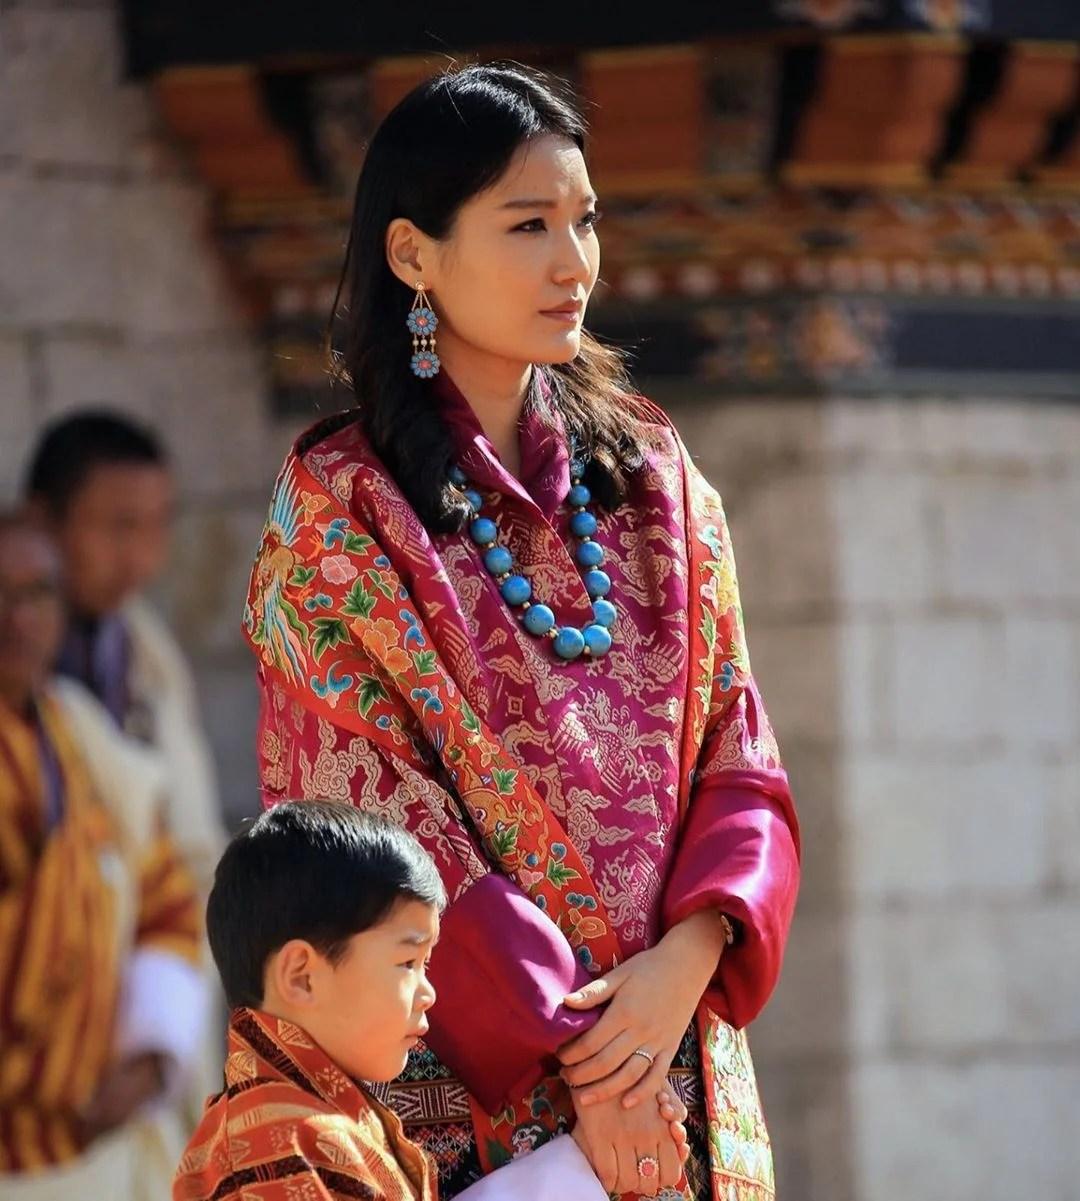 不丹國王分享一家四口溫馨照 初生二王子首度曝光! | TopBeauty